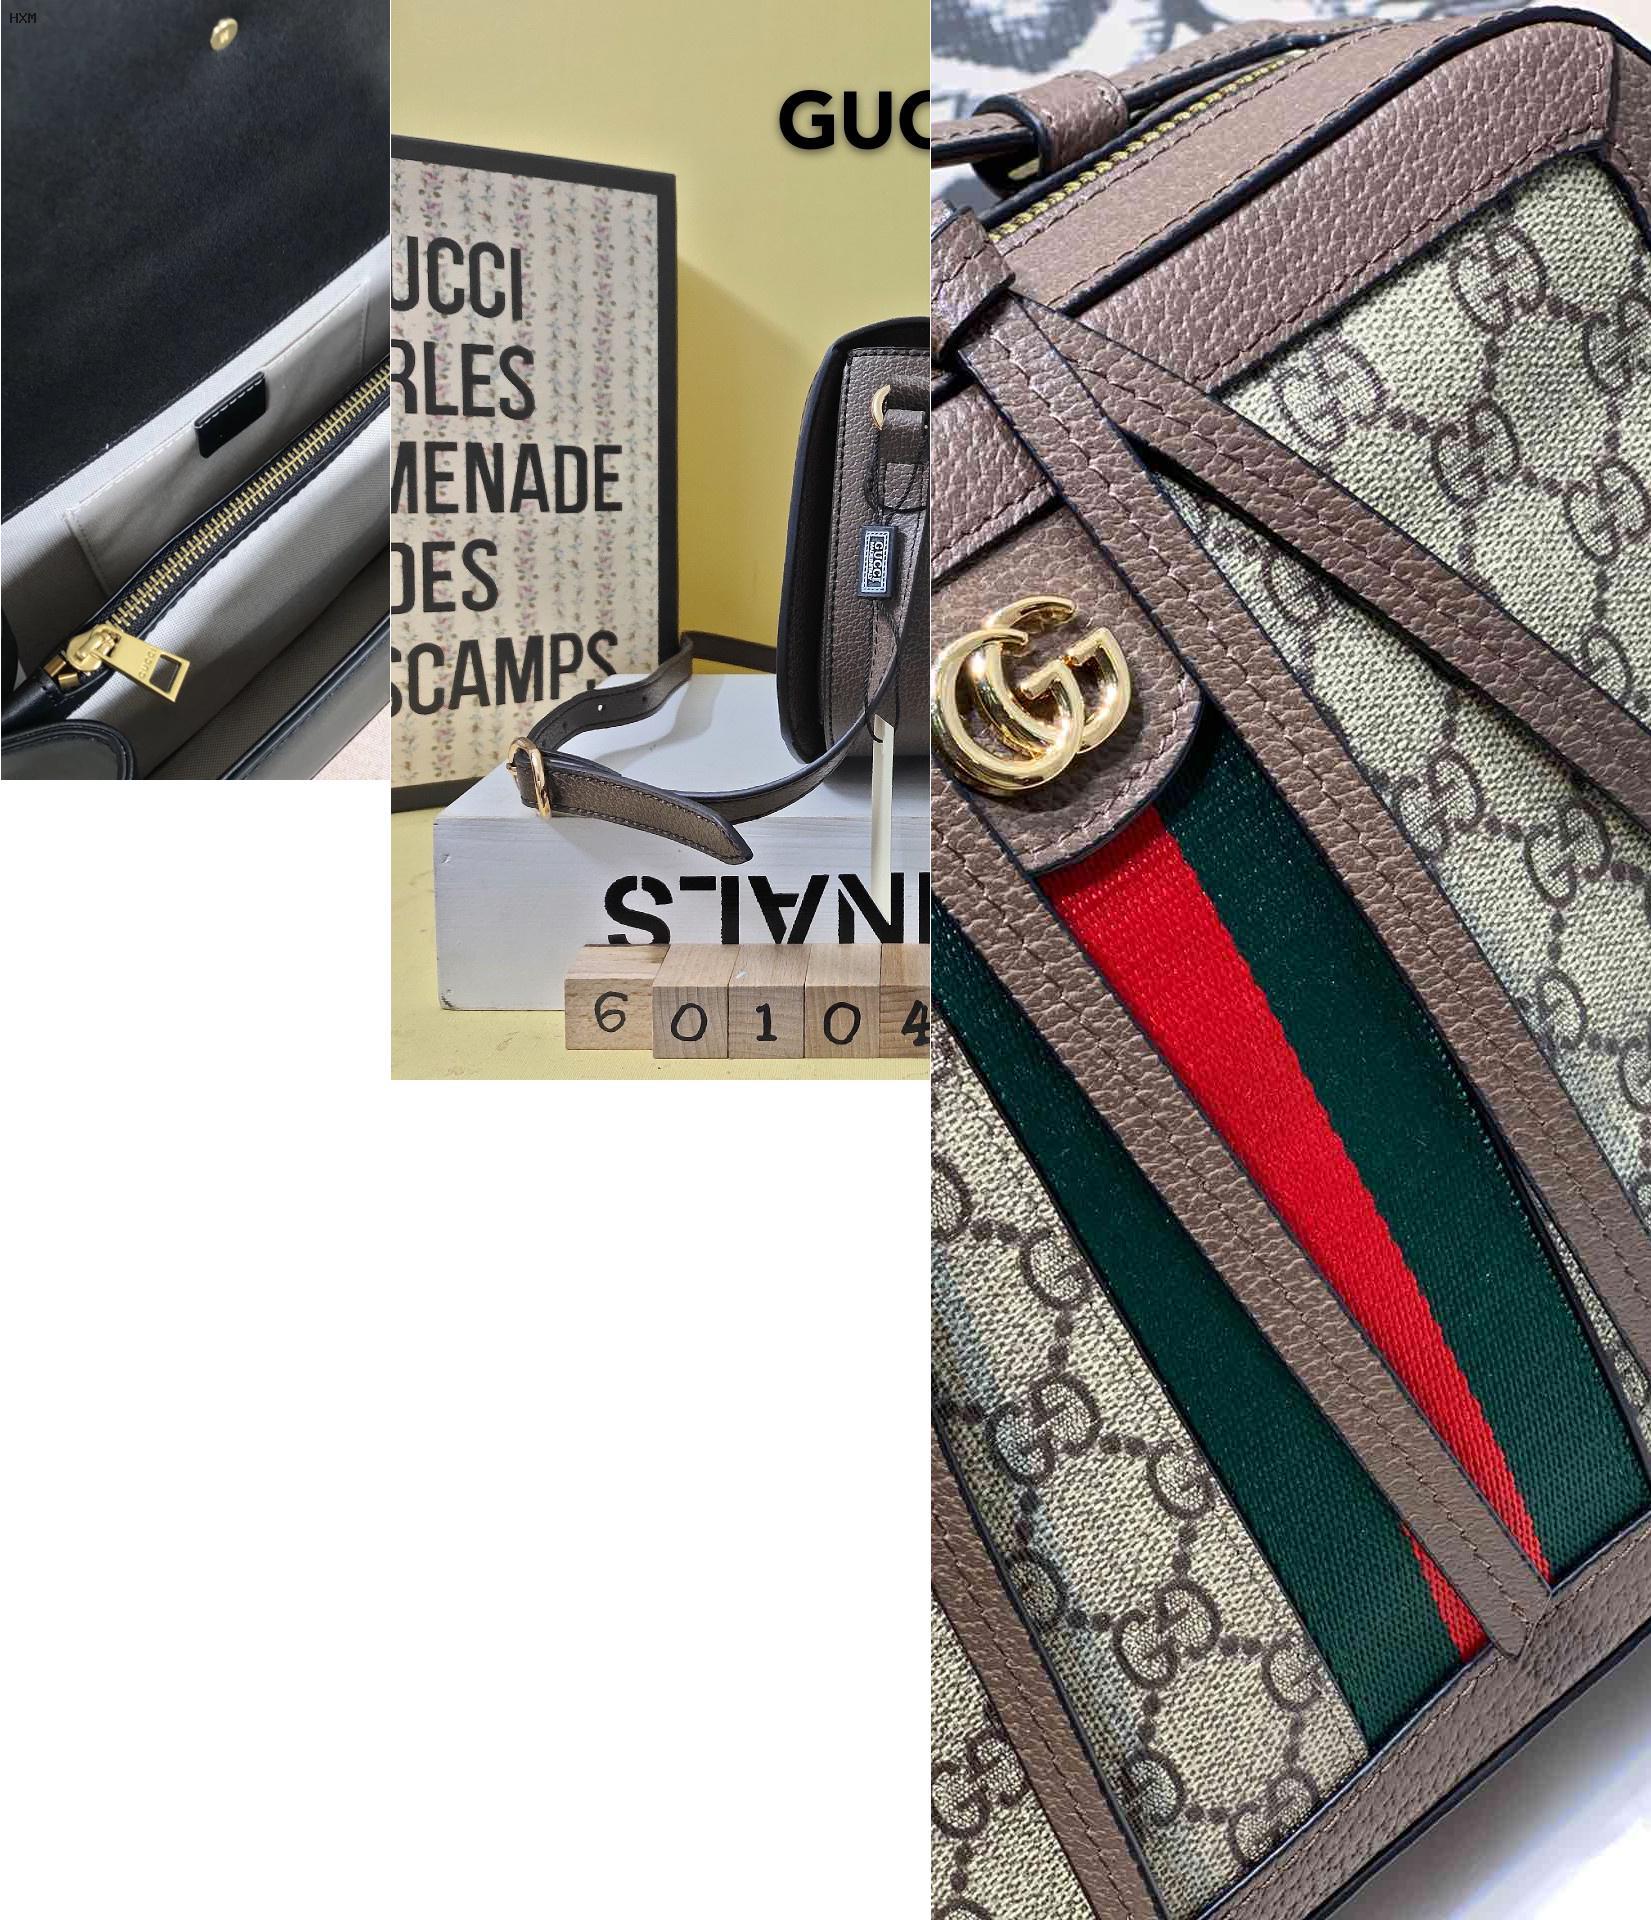 cinturon gucci replica ebay